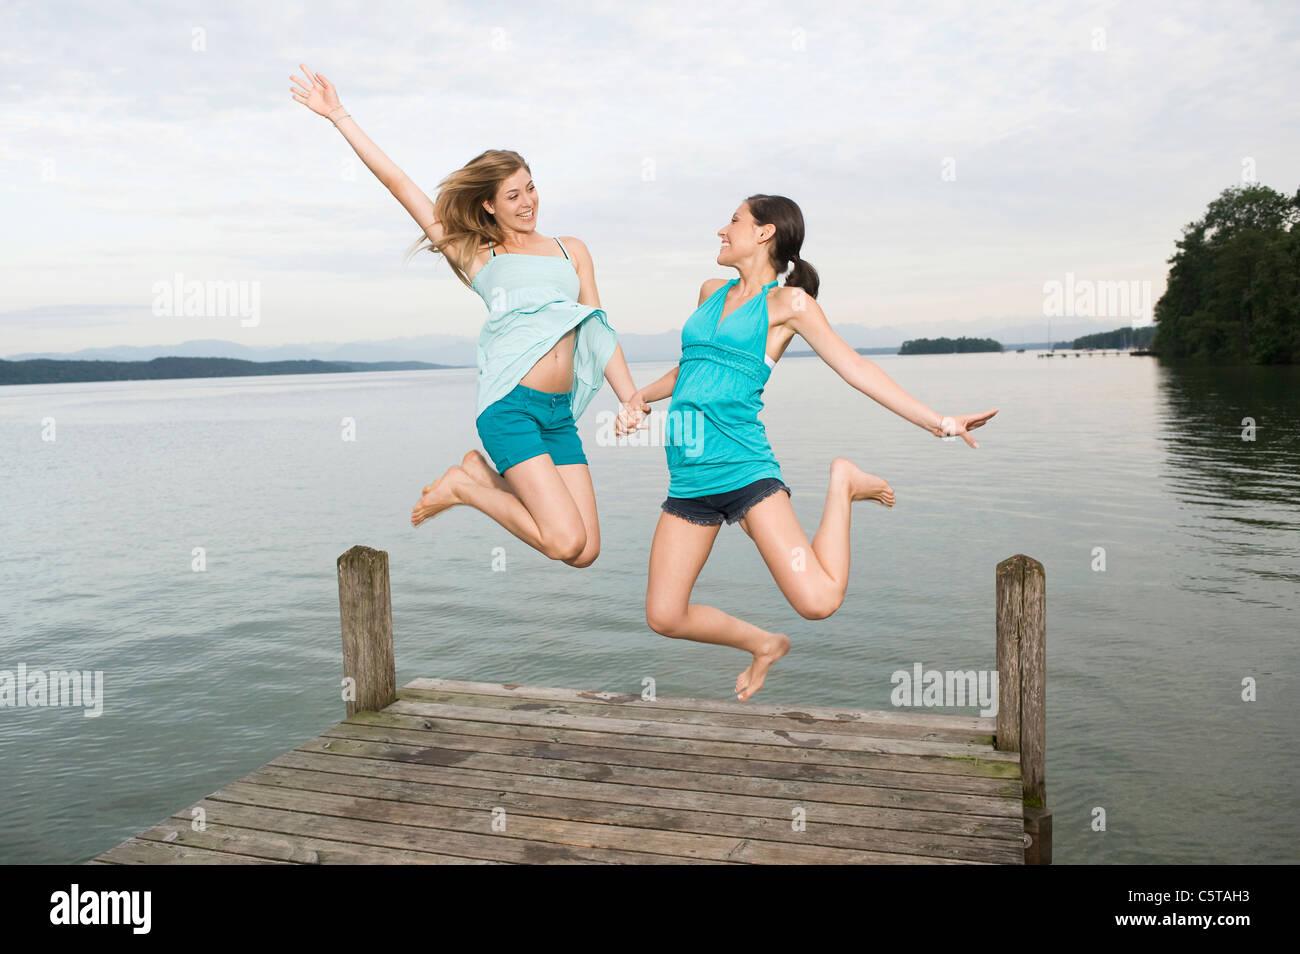 In Germania, in Baviera, Starnberger See, due giovani donne di saltare sul molo, ridere, ritratto Immagini Stock